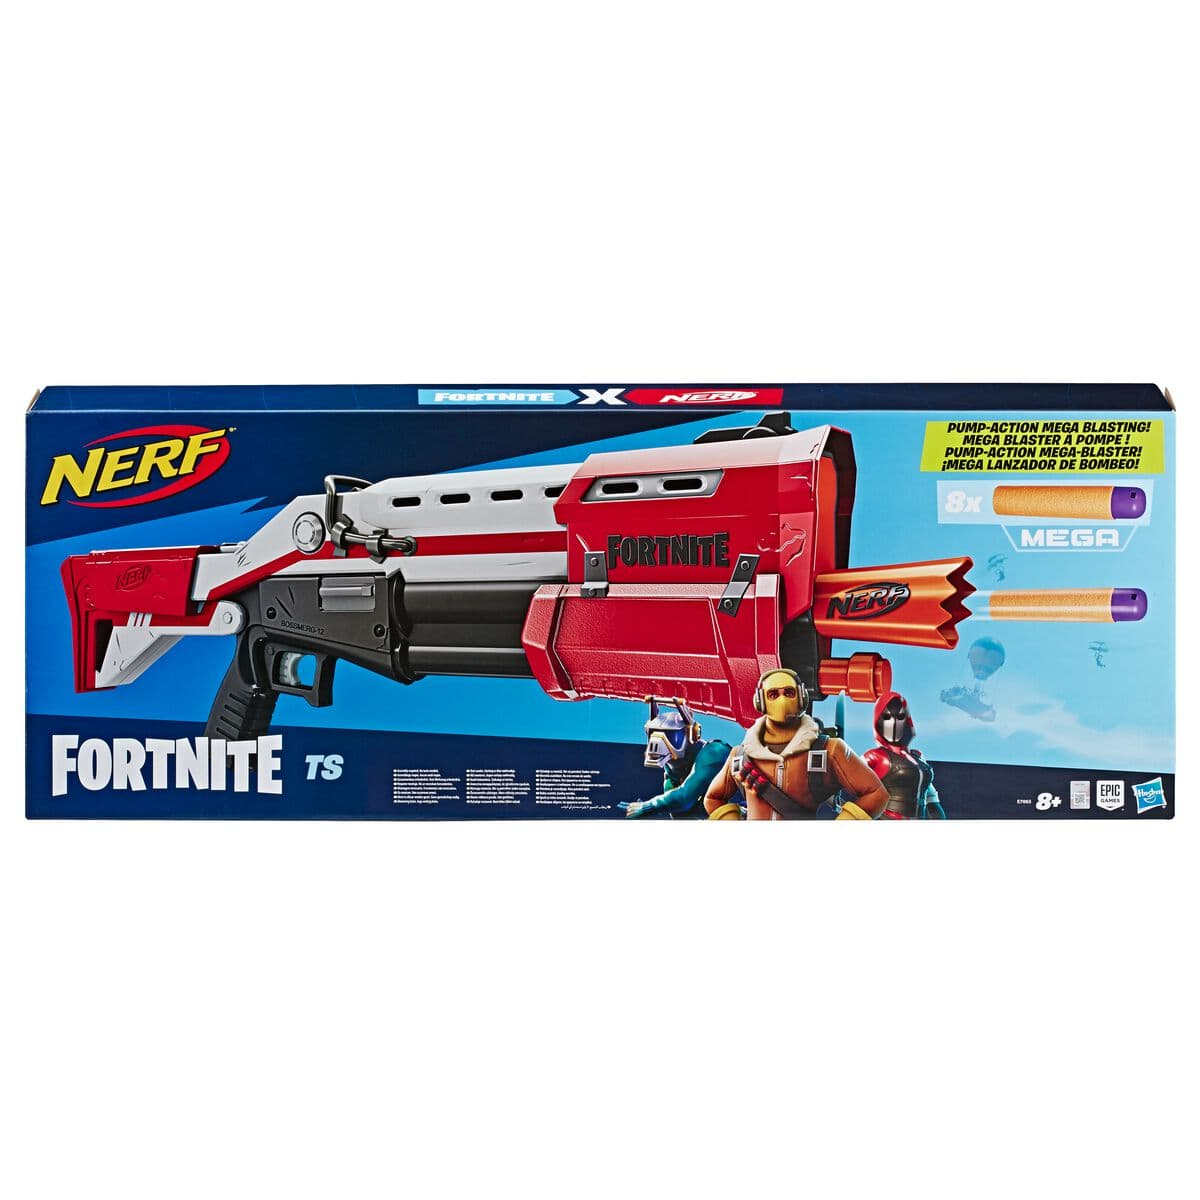 Nerf Fortnite TS-Blaster – Pump-Action Dart Blaster